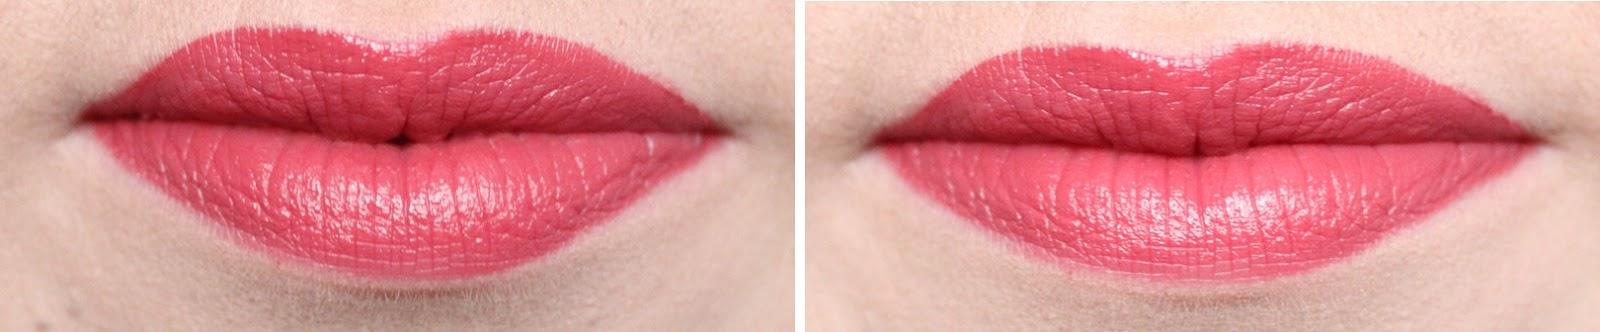 Estée Lauder Pure Color Envy Sculpting Lipstick - Rebellious Rose swatch